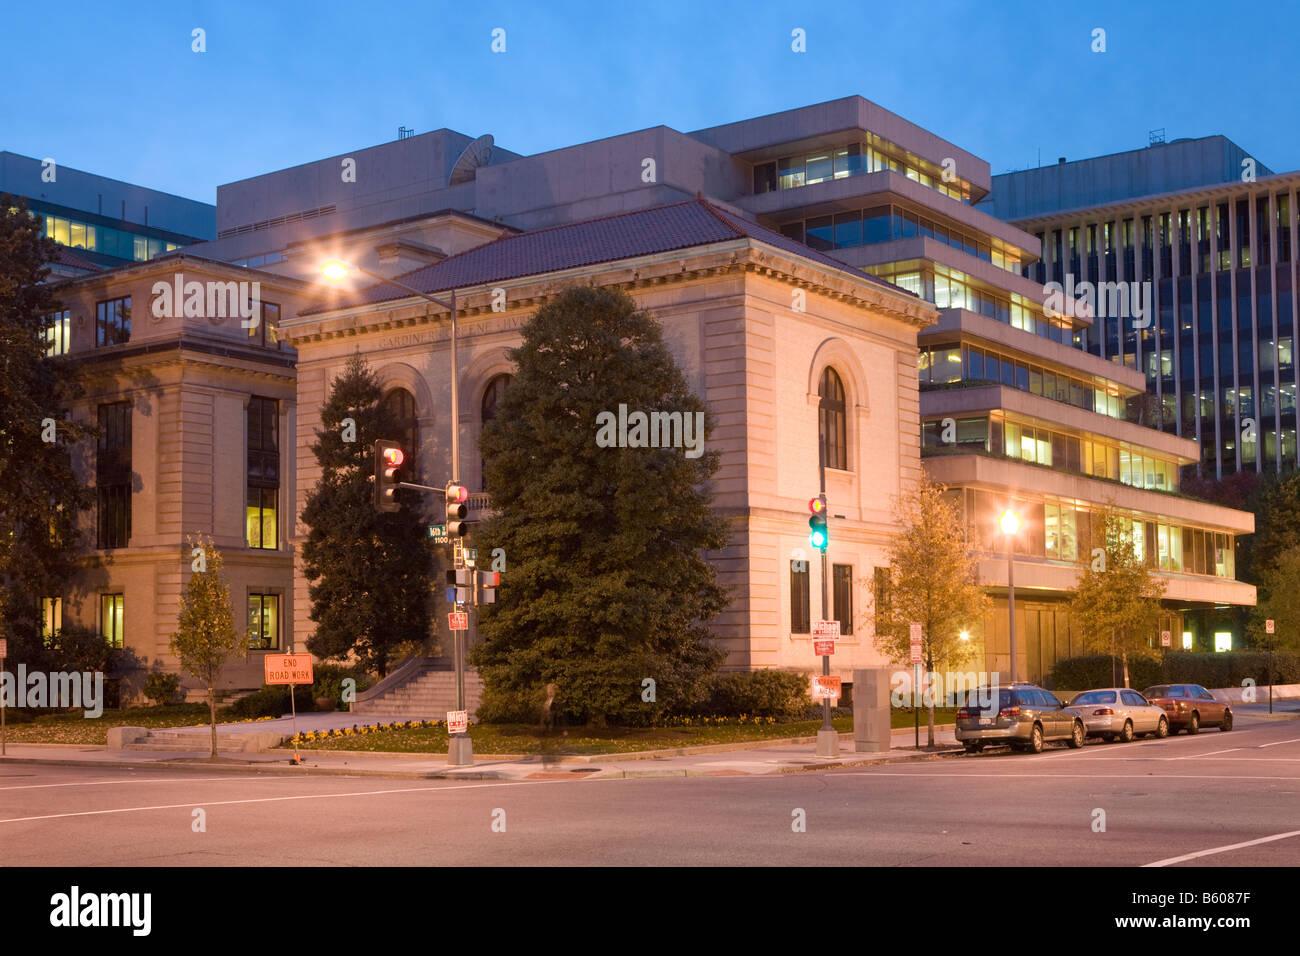 National Geographic Headquarters Washington D.C. - Stock Image